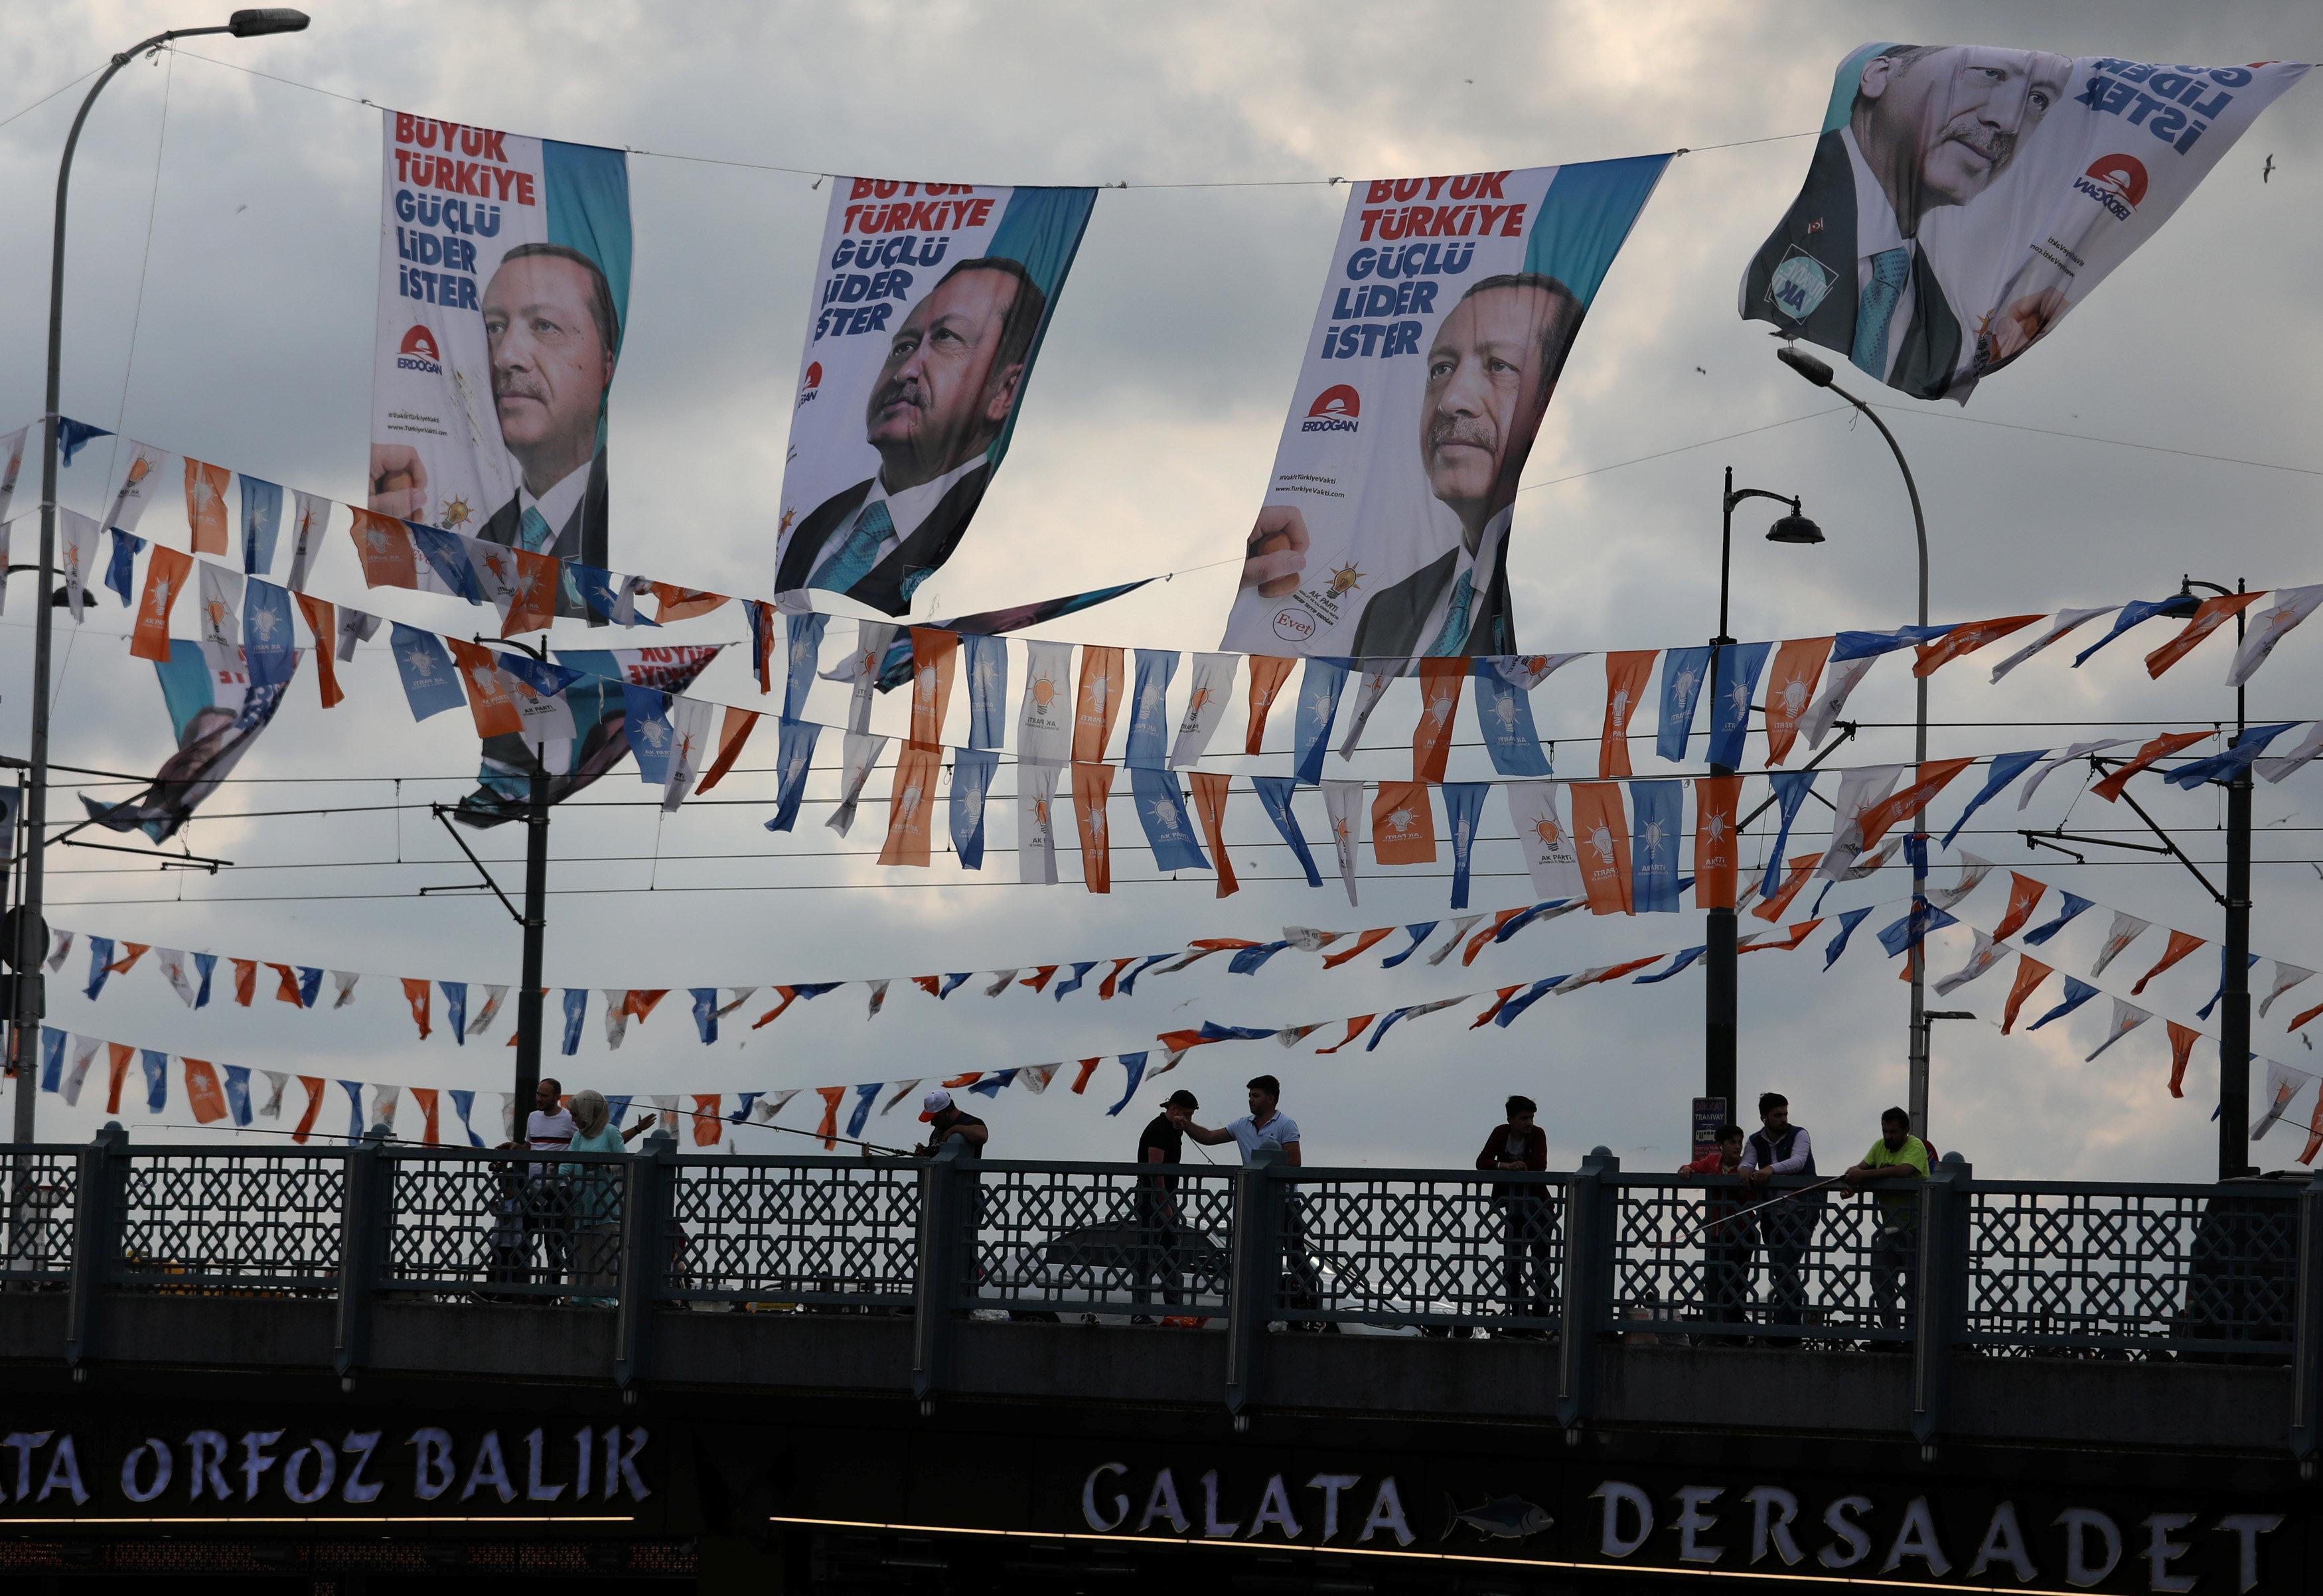 Τι πραγματικά σημαίνει η τουρκική υπαναχώρηση από τη διμερή συμφωνία για την επαναεισδοχή των προσφύγων